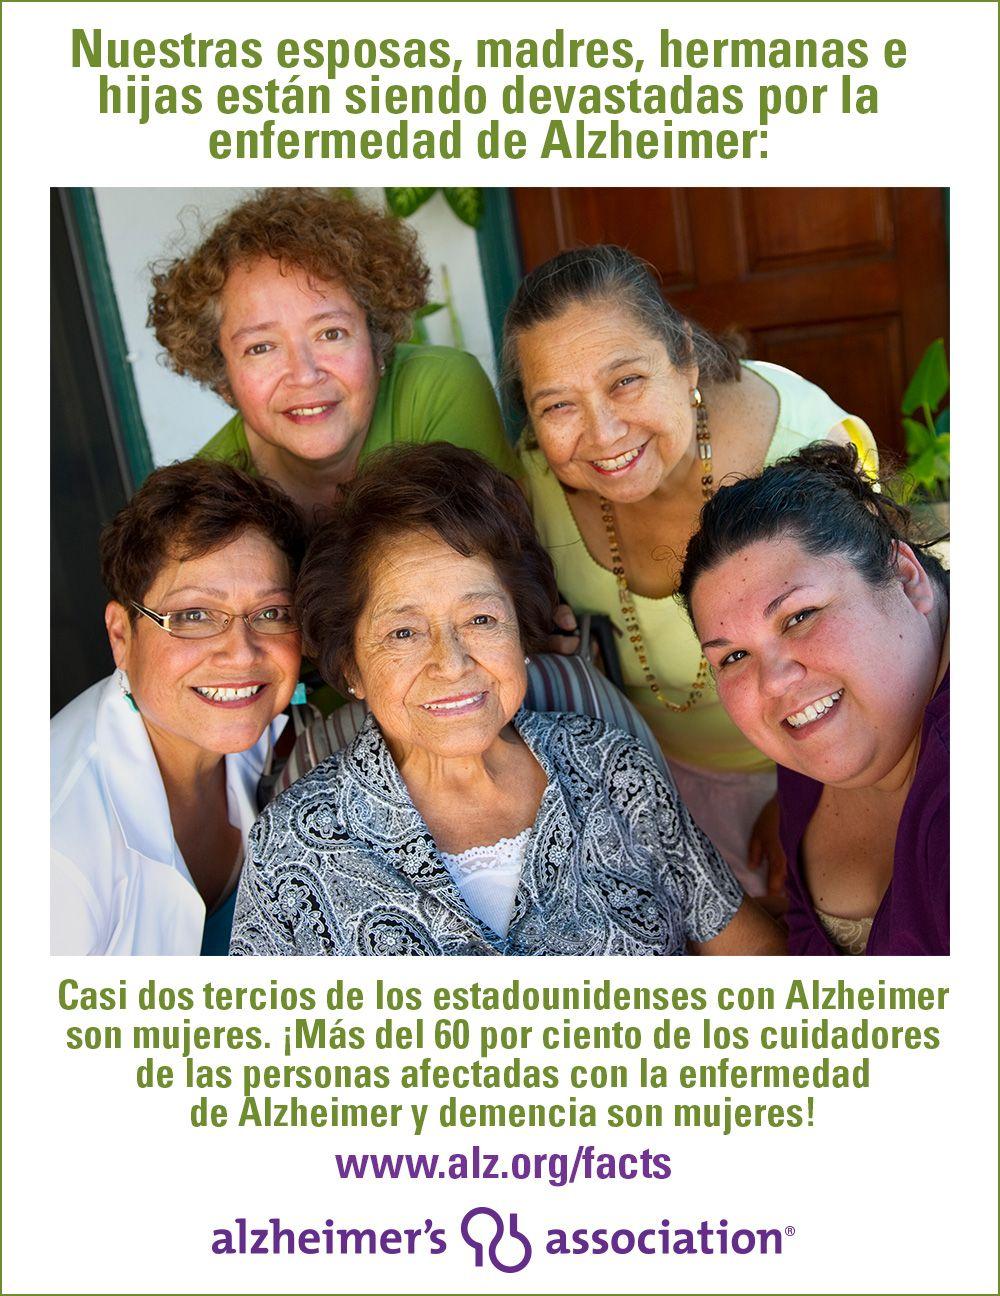 Nuestras esposas, madres, hermanas e hijas están siendo devastadas por la enfermedad de Alzheimer: Casi dos tercios de los estadounidenses con Alzheimer son mujeres. ¡Más del 60 por ciento de los cuidadores de las personas afectadas con la enfermedad de Alzheimer y demencia son mujeres! www.alz.org/facts